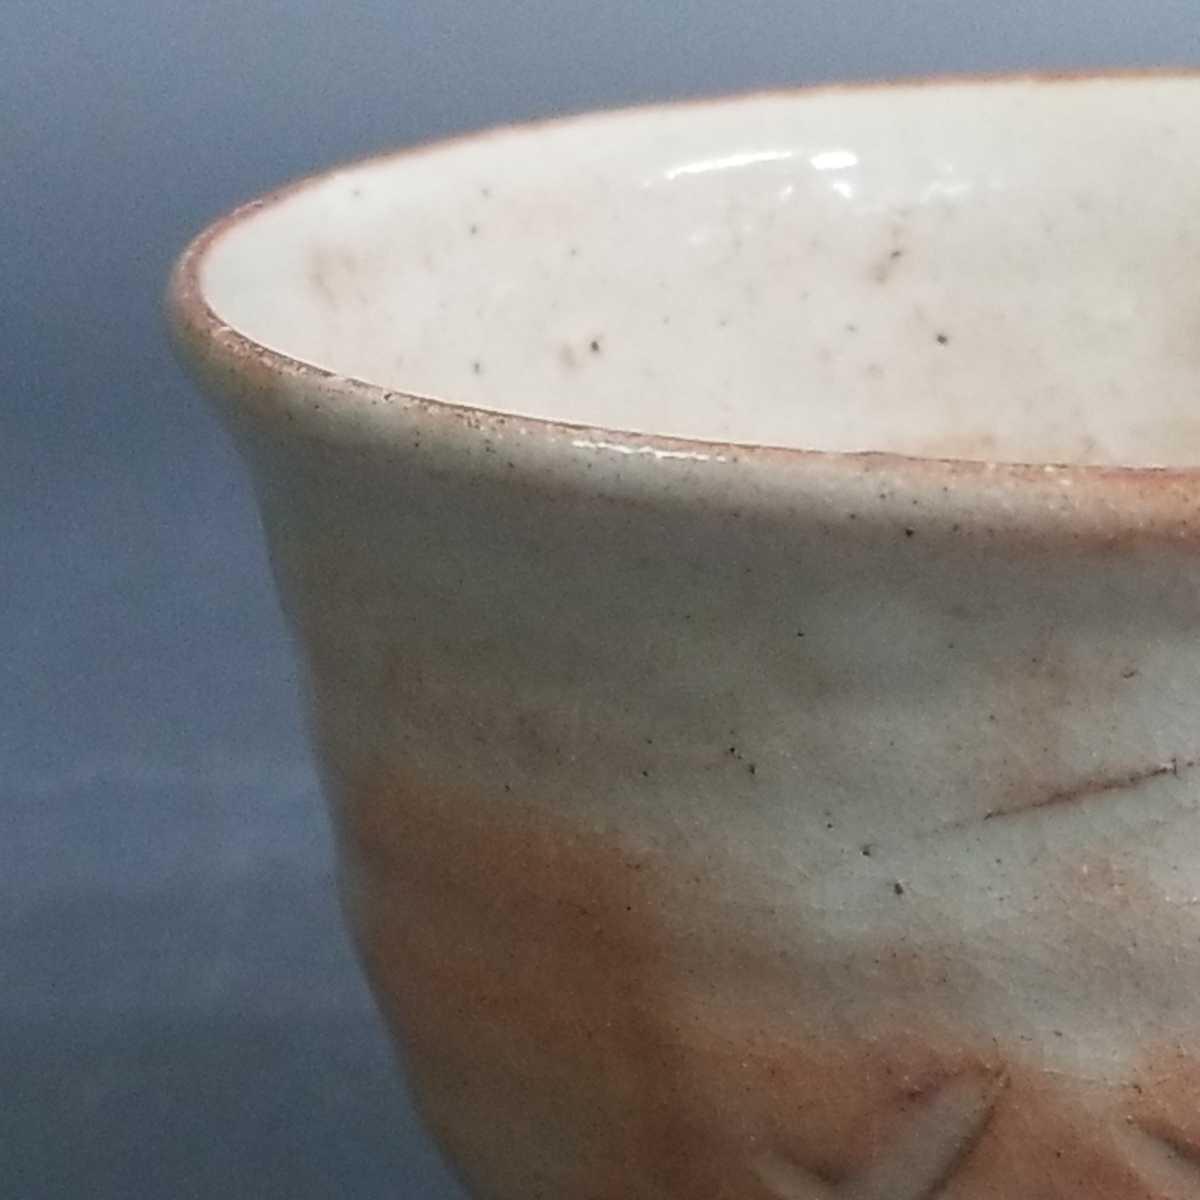 尚50)萩焼 渋谷泥詩 見島コーヒーカップ マグカップ 珈琲器 茶器 未使用新品 同梱歓迎_画像10